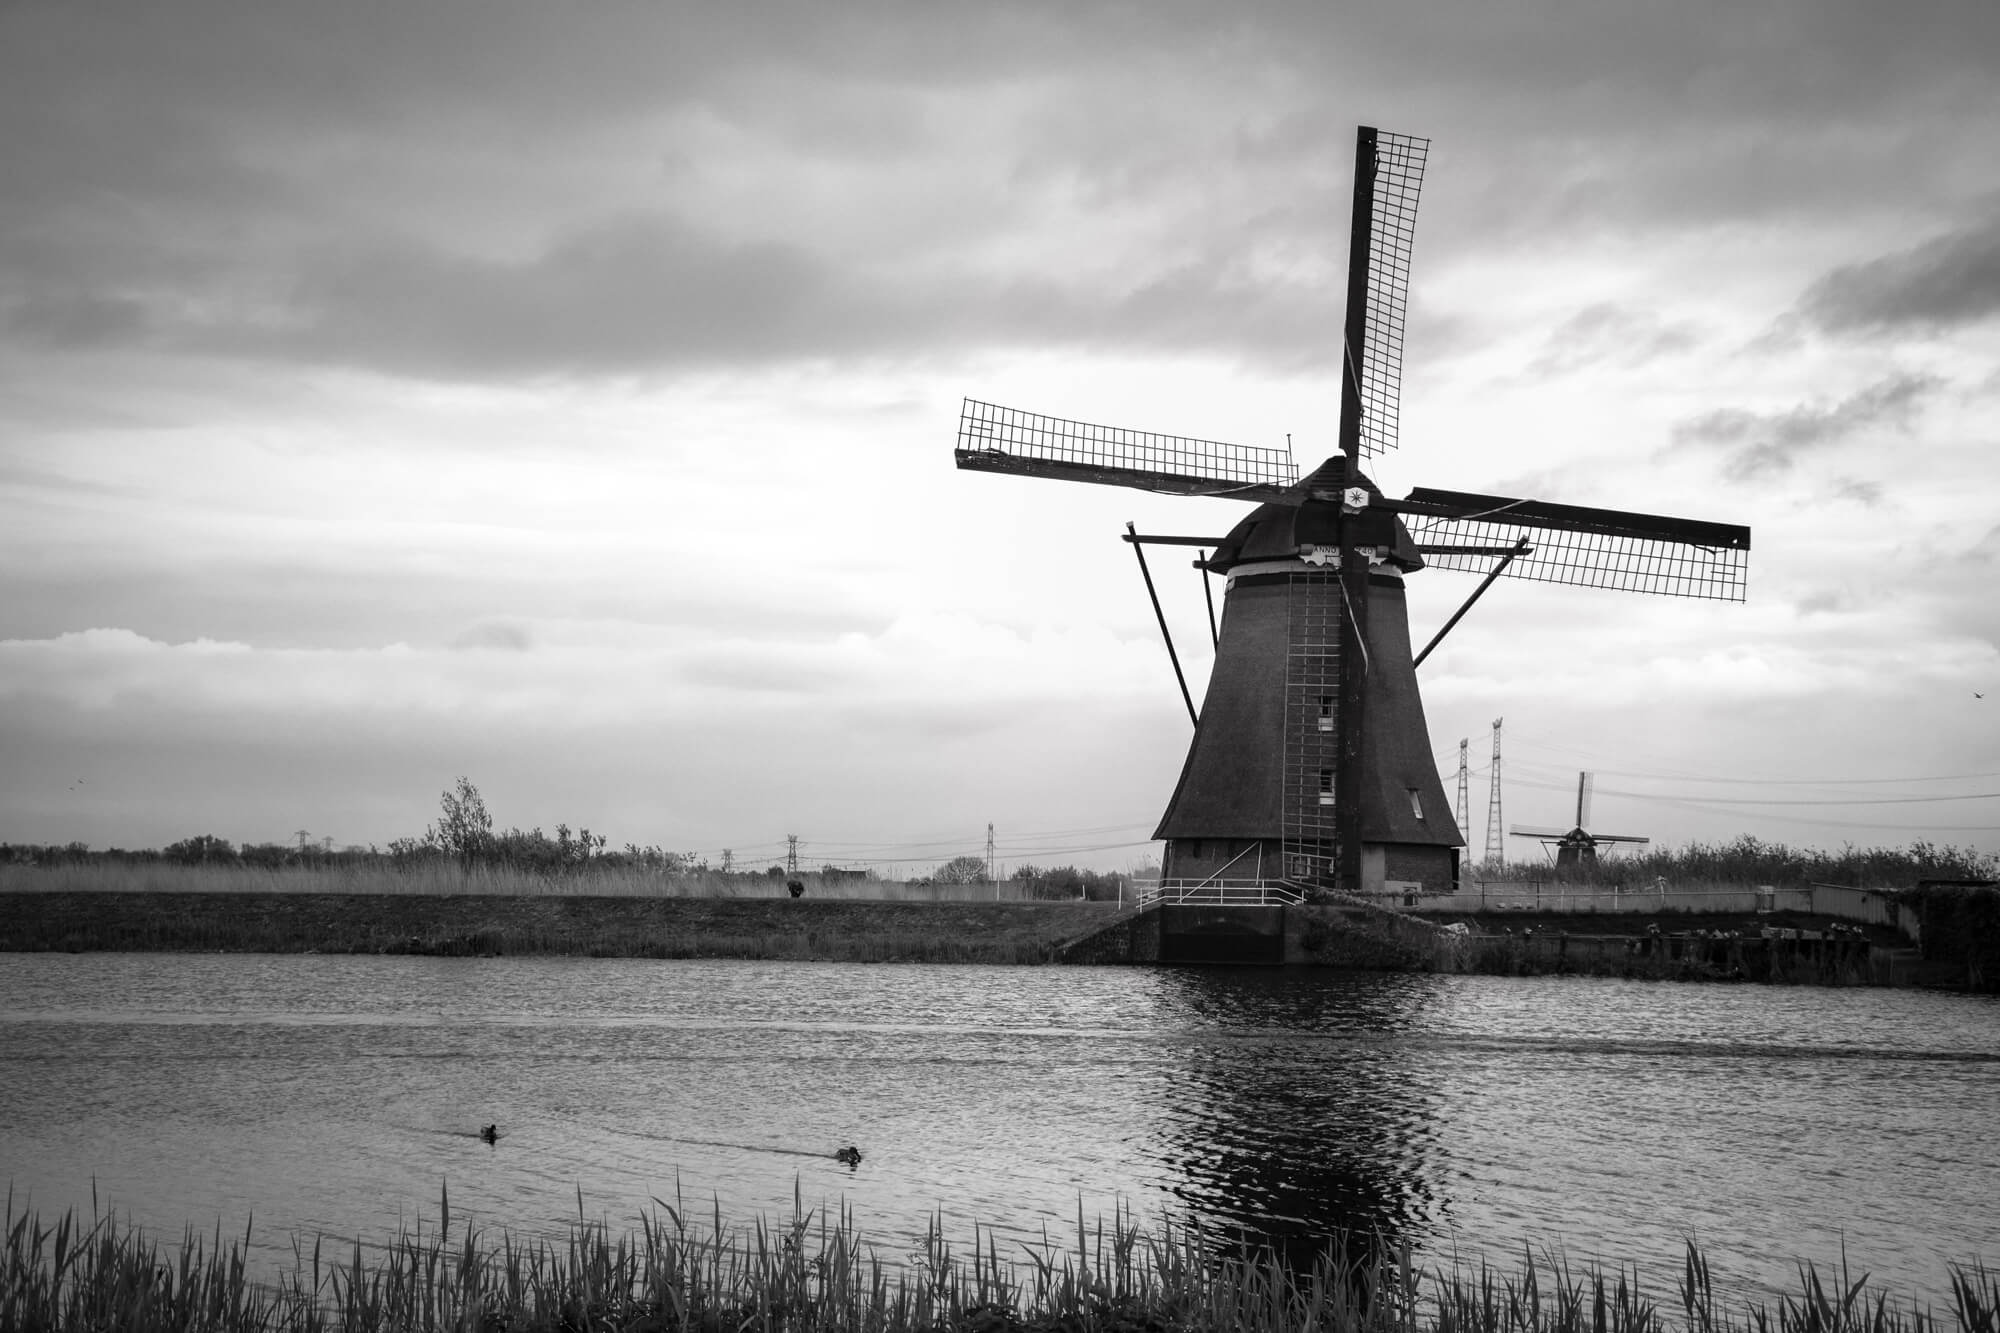 moulin photographie paysage kinderdijk visite hollande